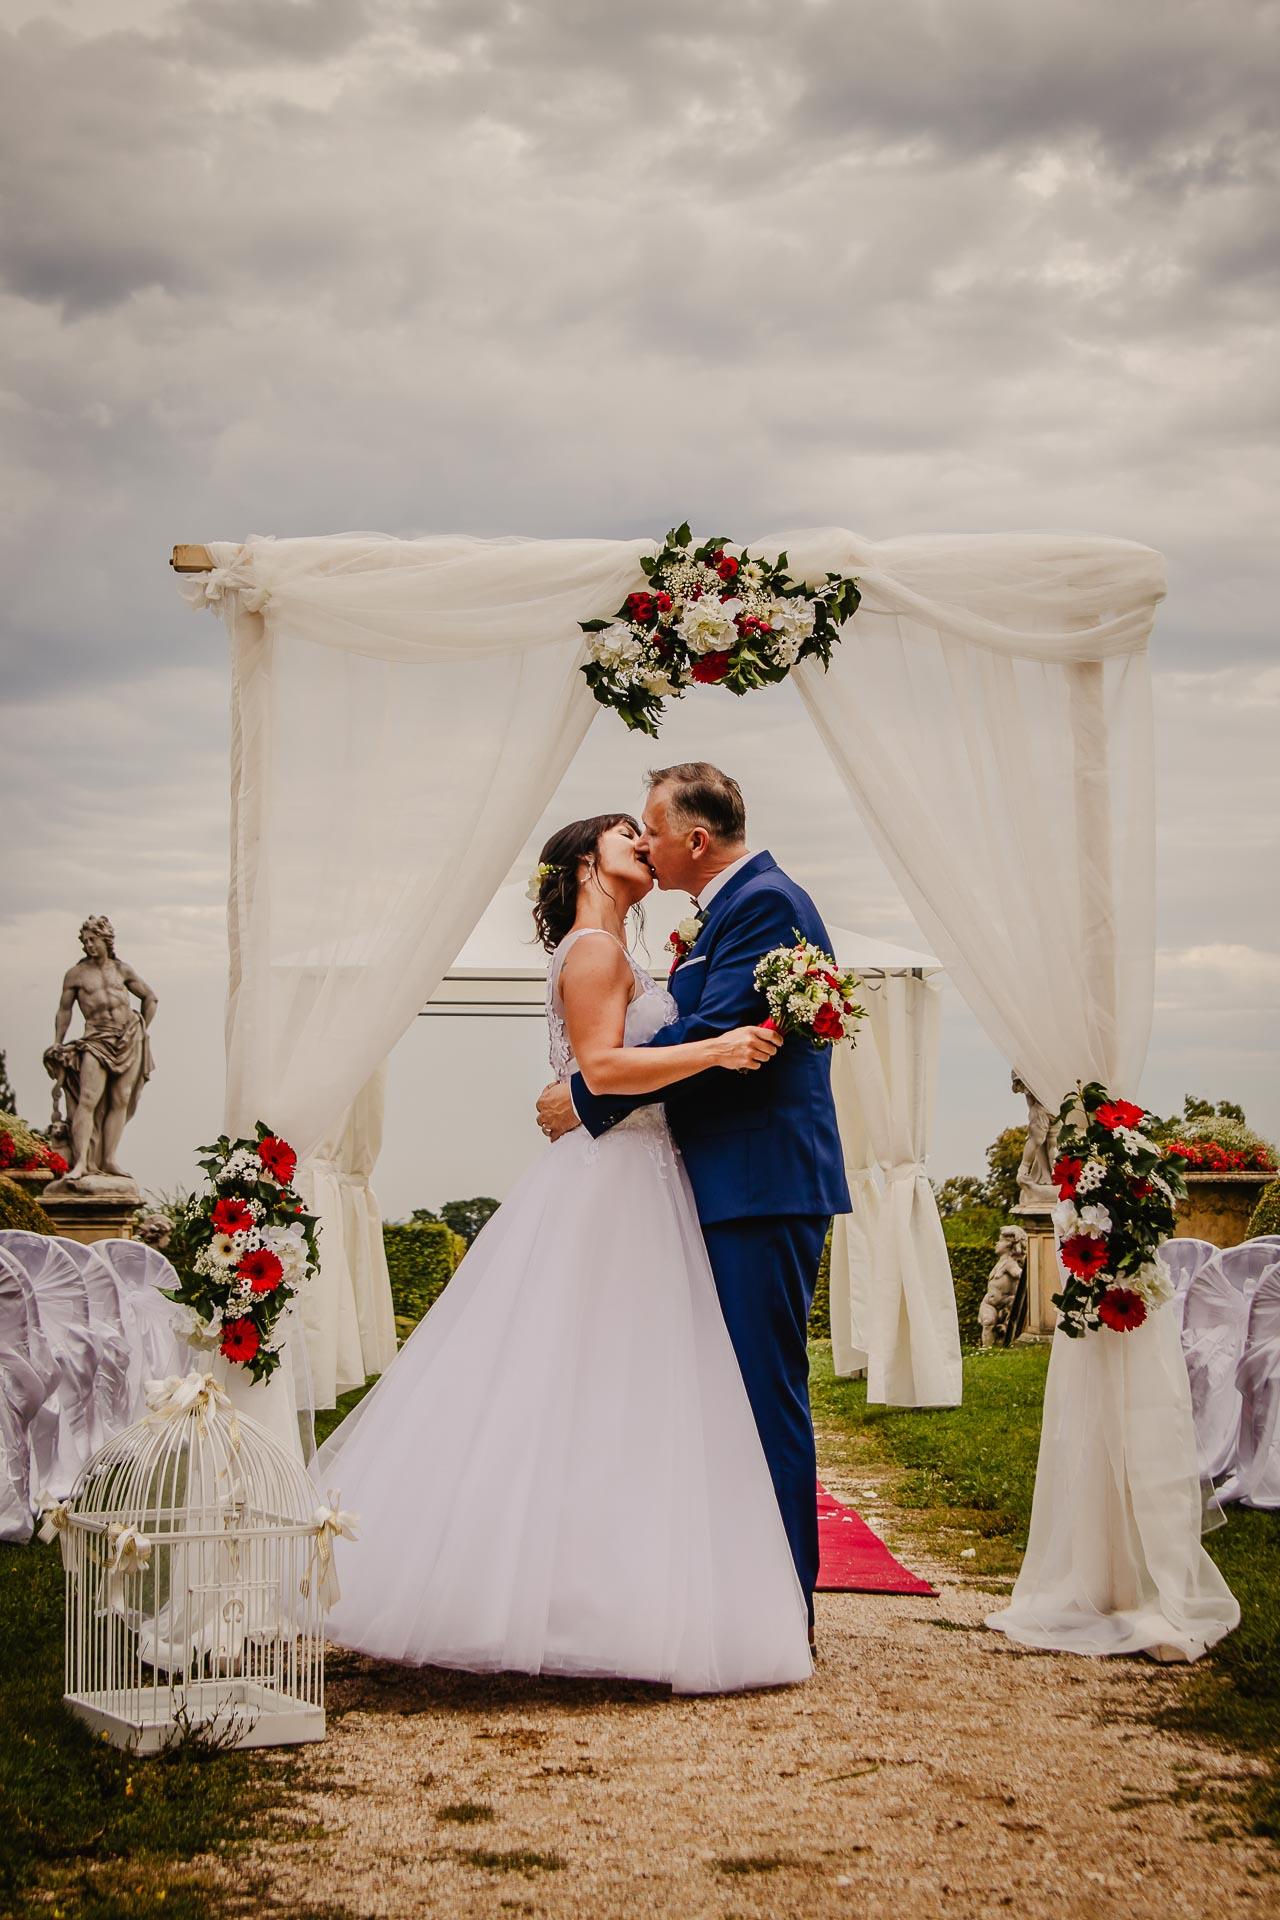 příprava-svatebního-obřadu-Lysá-nad-Labem-svatební-agentura-Svatbavenku-9752